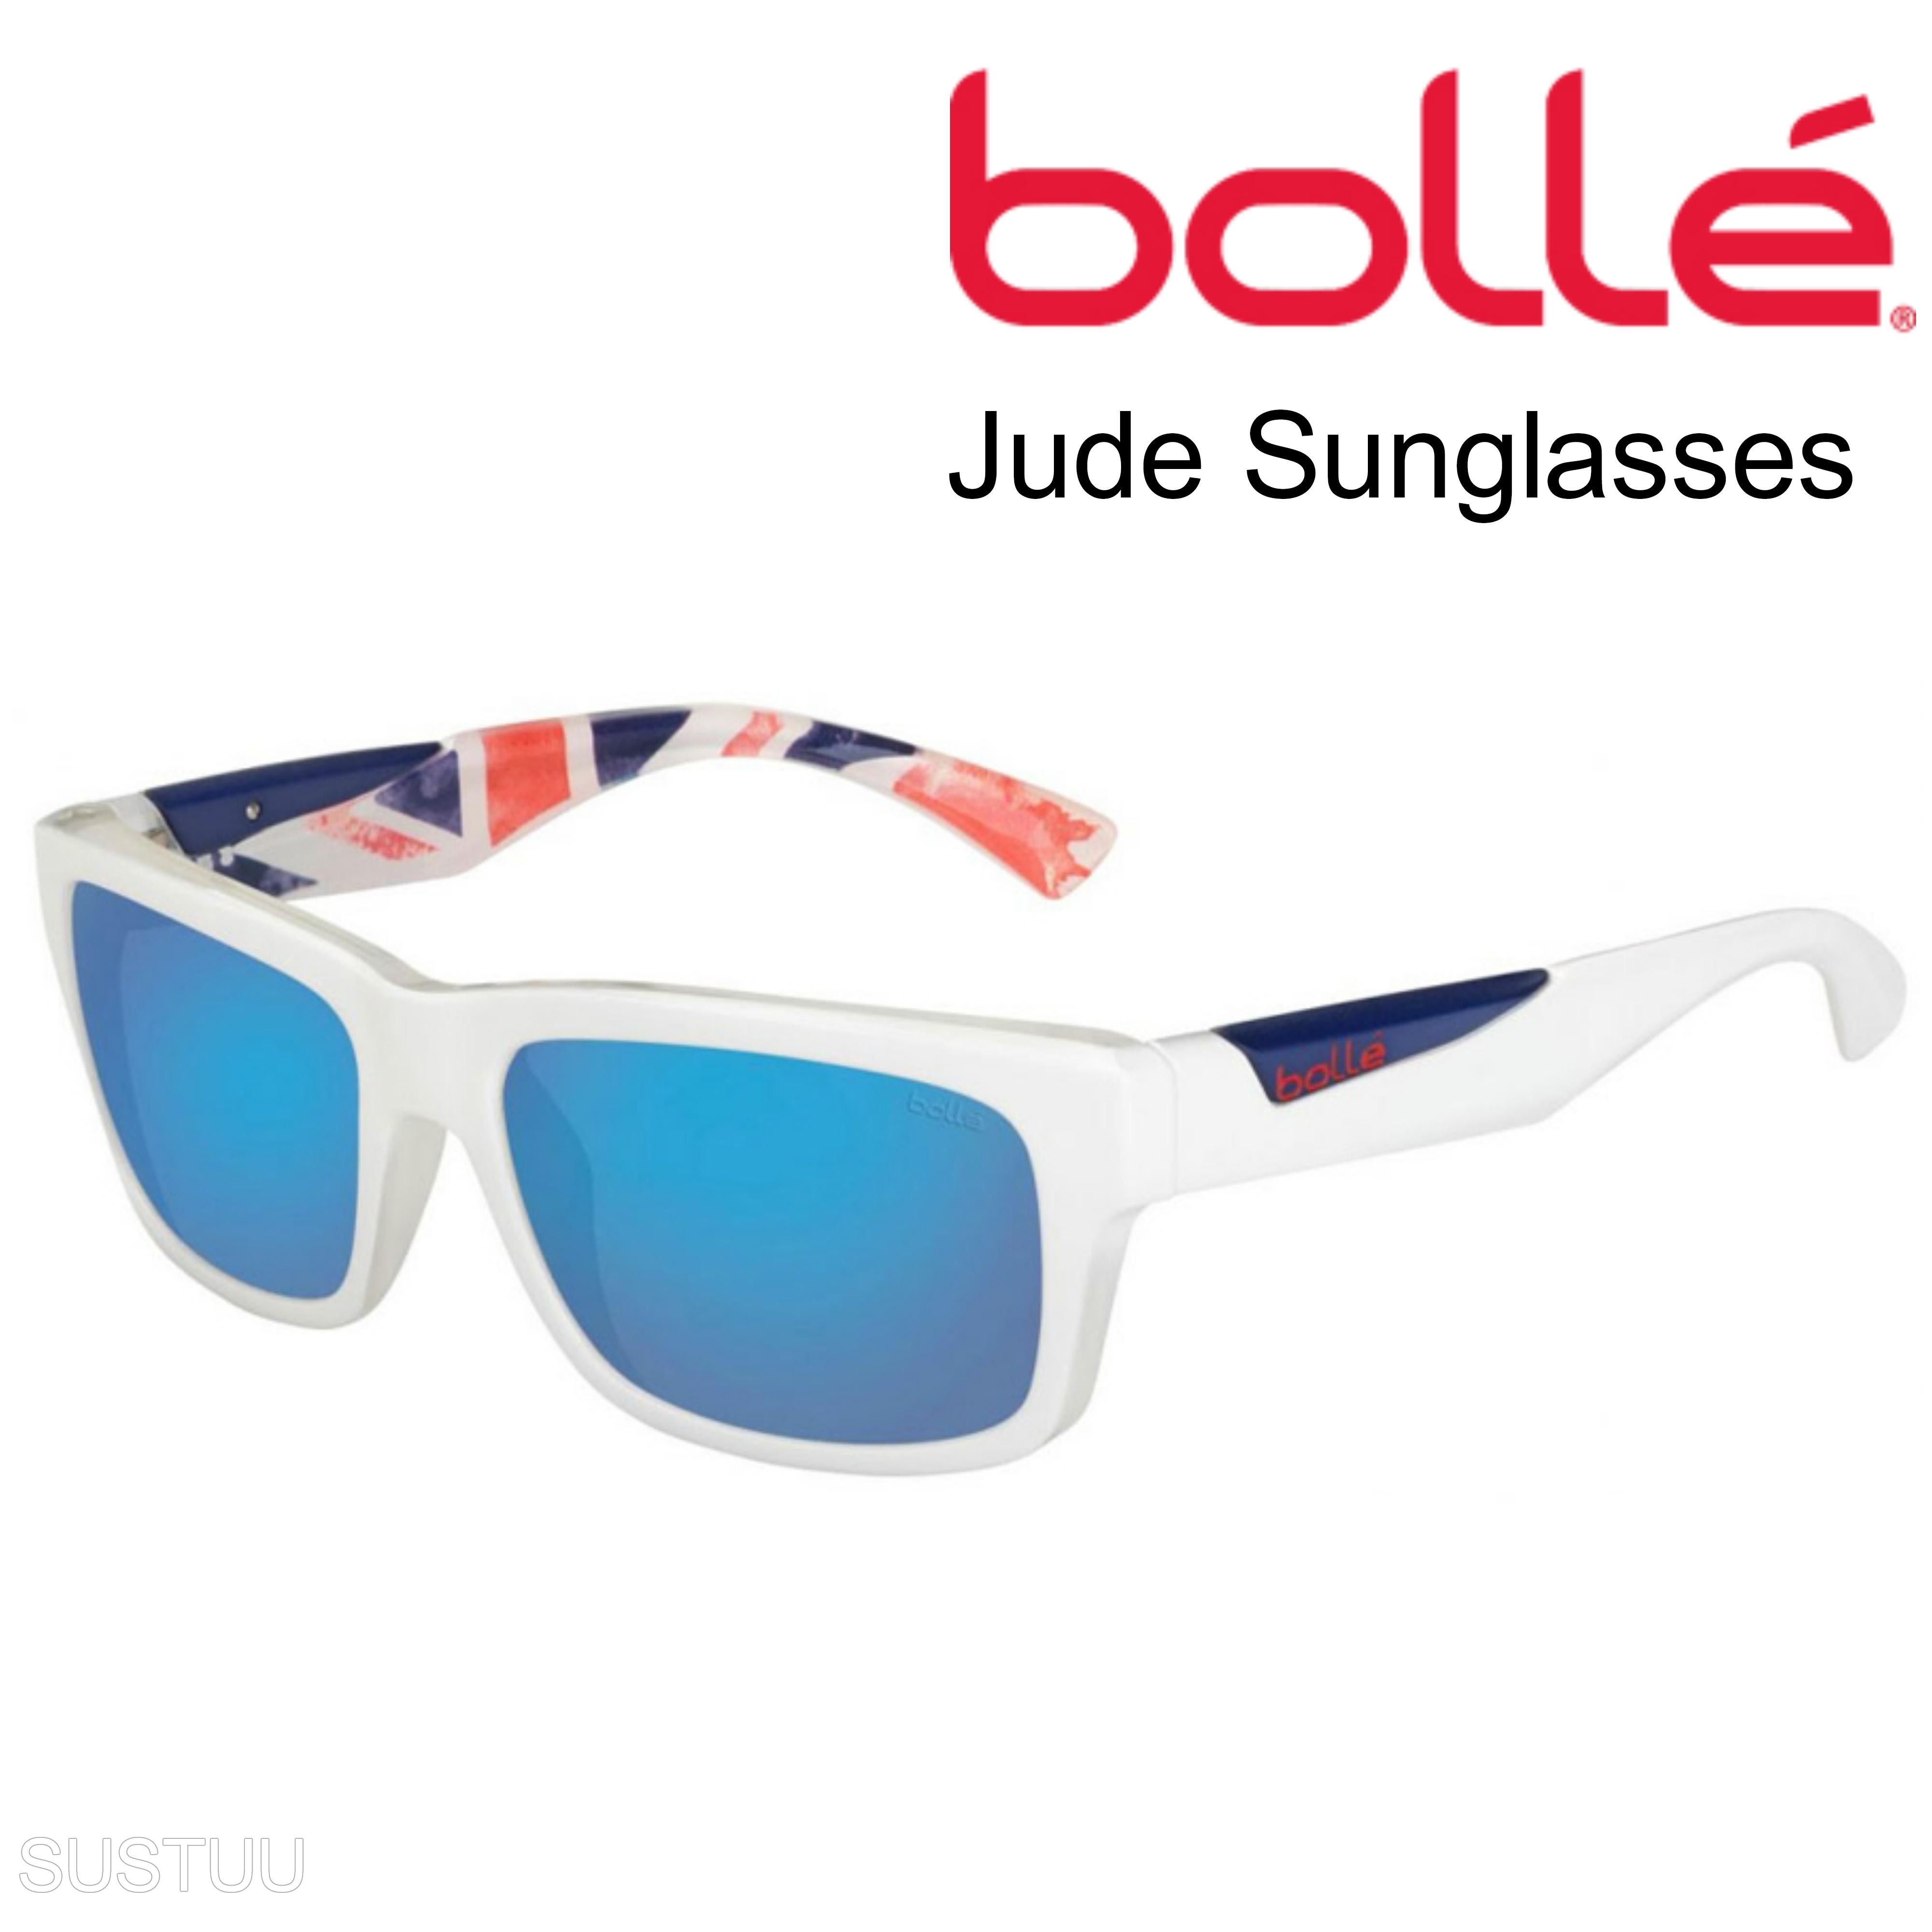 Sunglasses Frame polarized Blue White Lens Bollé 12183 Jude offshore Uk matte 8nk0wPO